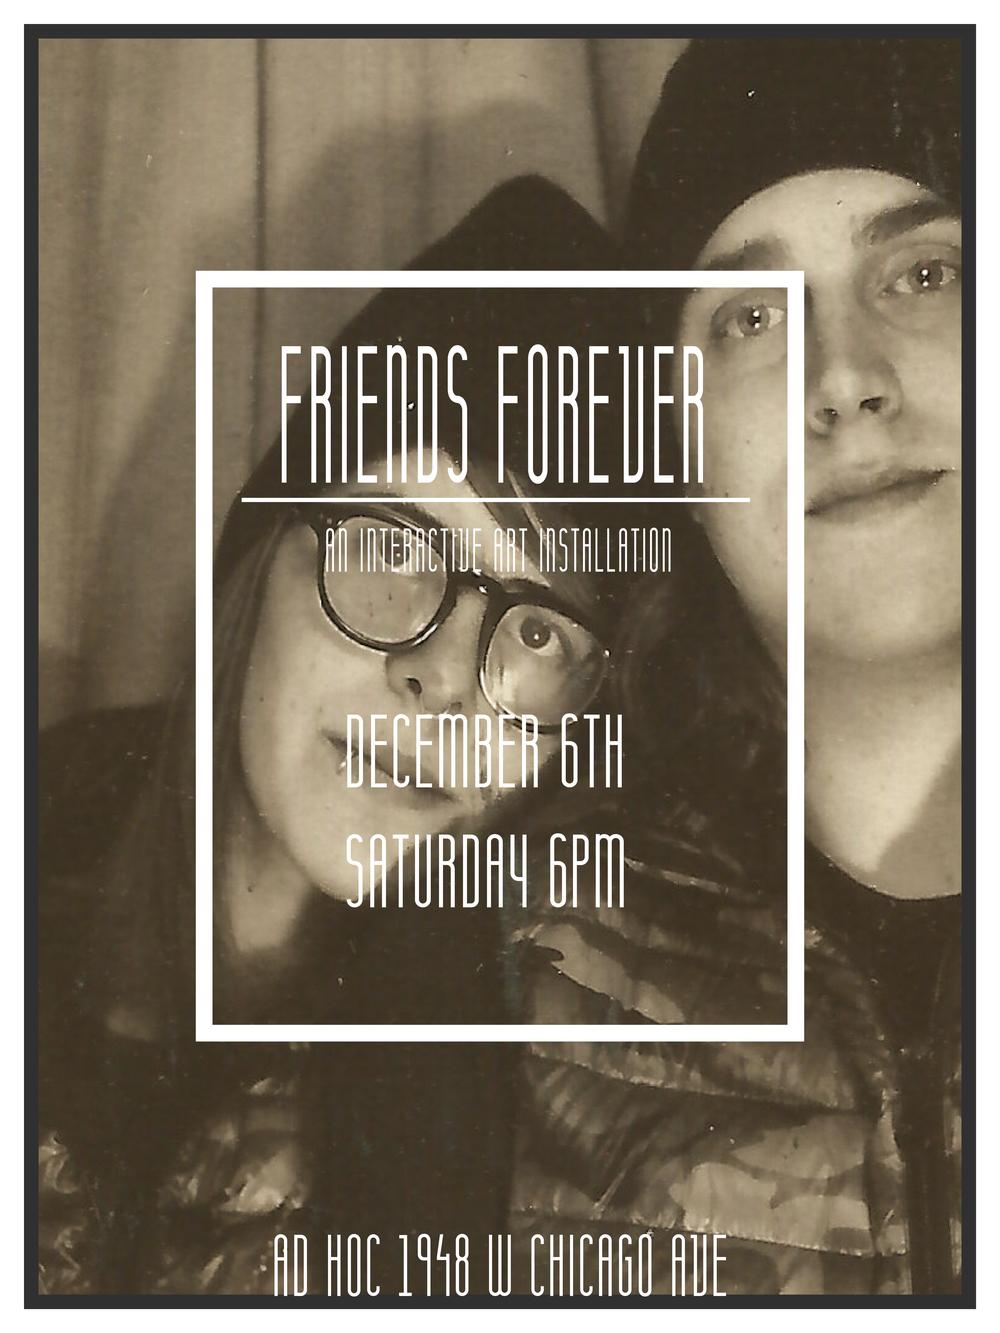 Friends forever3.jpg